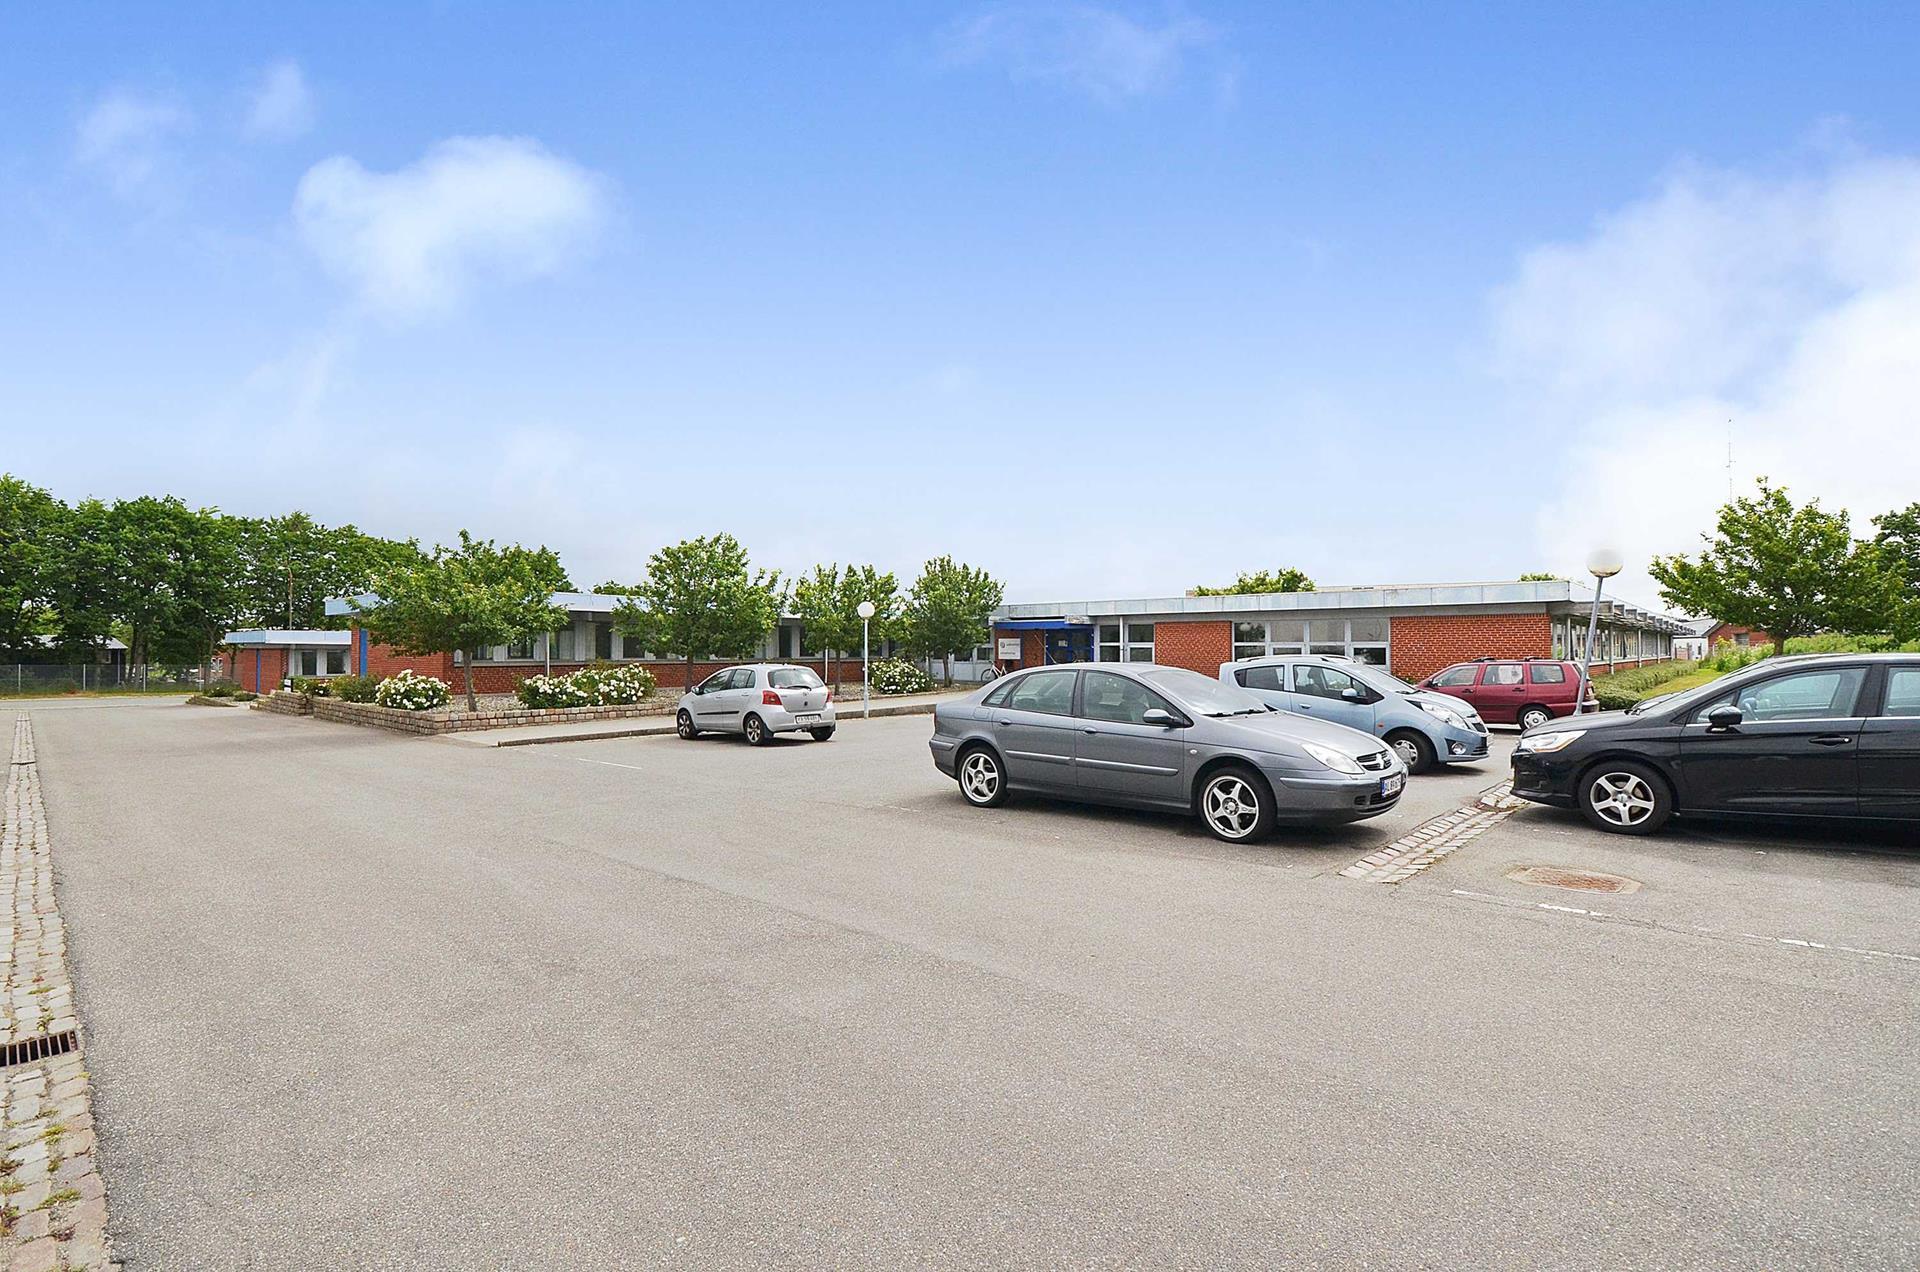 Bolig/erhverv på Høgevej i Esbjerg Ø - Facade